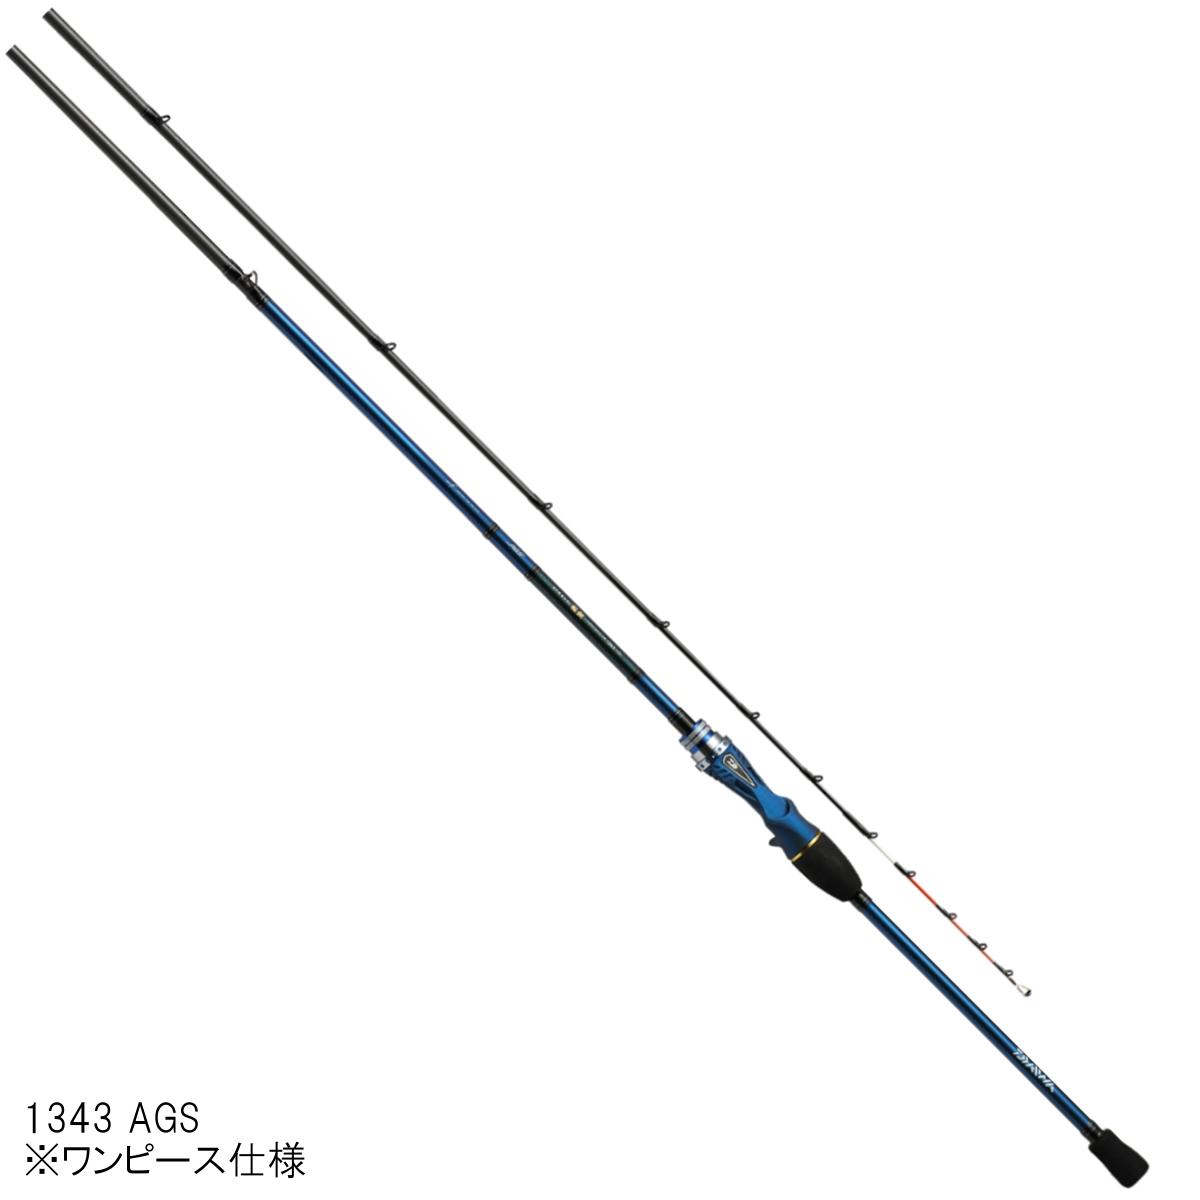 ダイワ 極鋭カワハギ AIR 1343 AGS【大型商品】